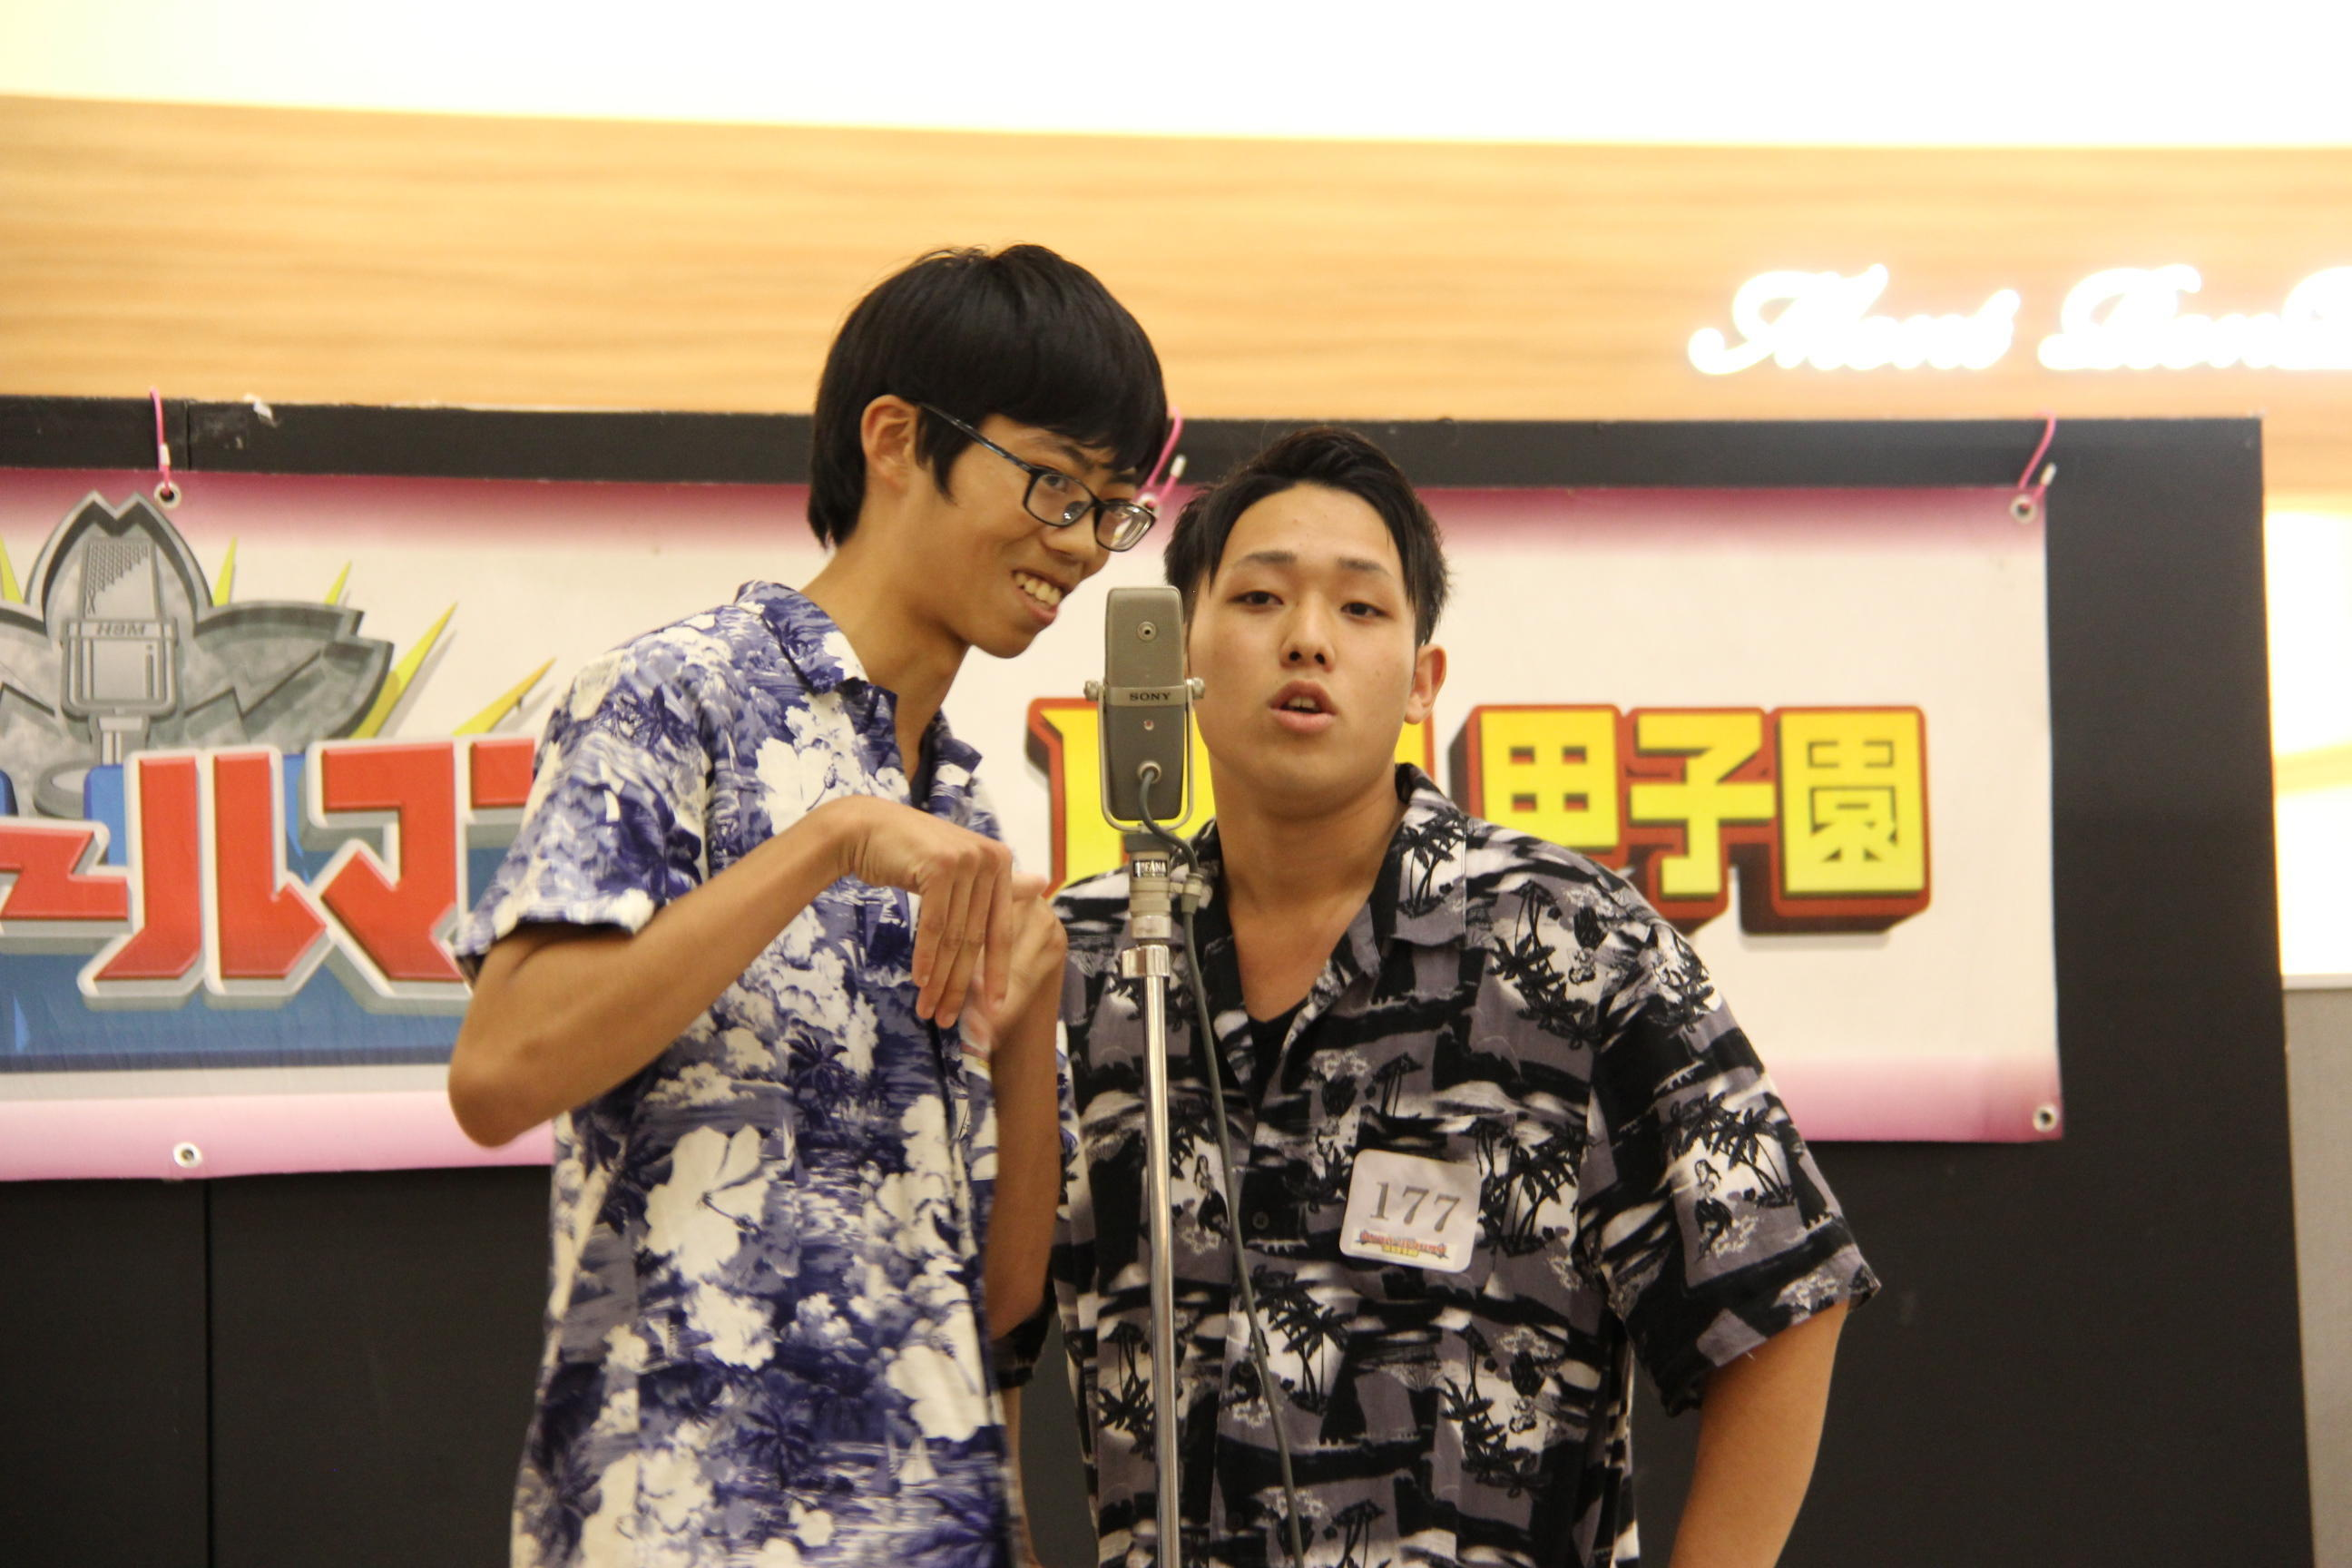 http://news.yoshimoto.co.jp/20180813130412-f607e1114b880bf0aa9d819643608a0001fbe3b1.jpg